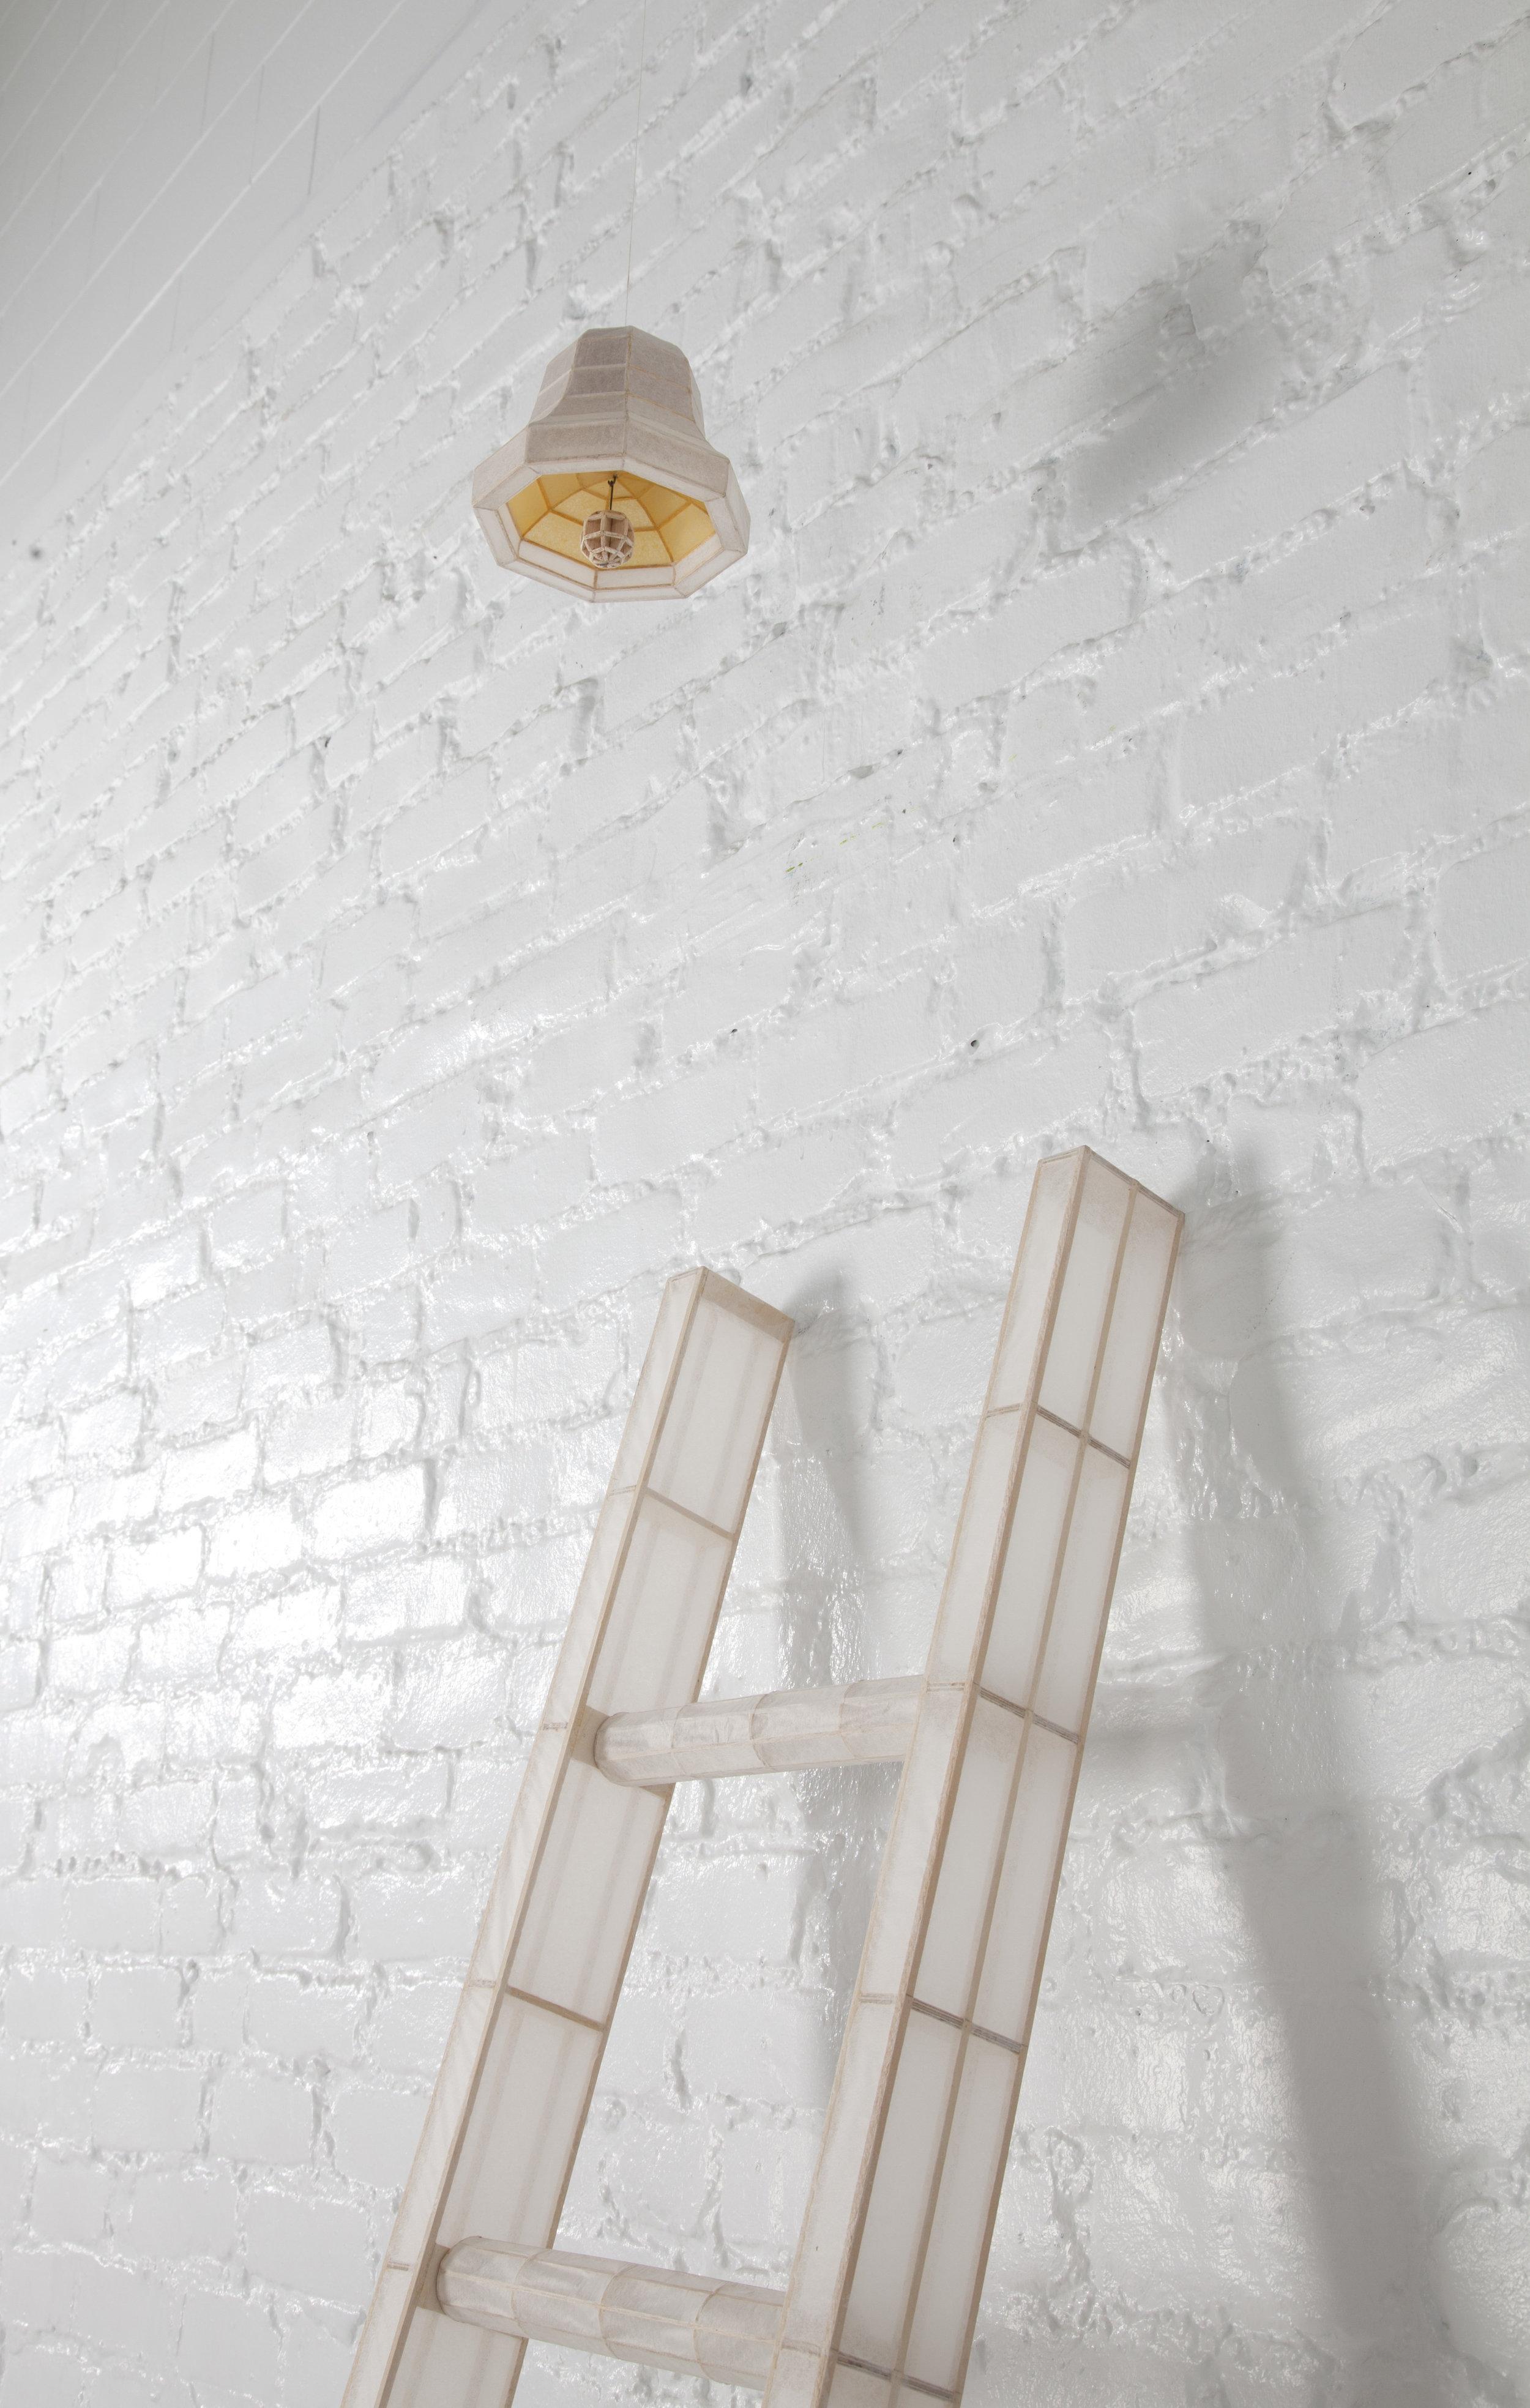 Ladder_final6.jpg